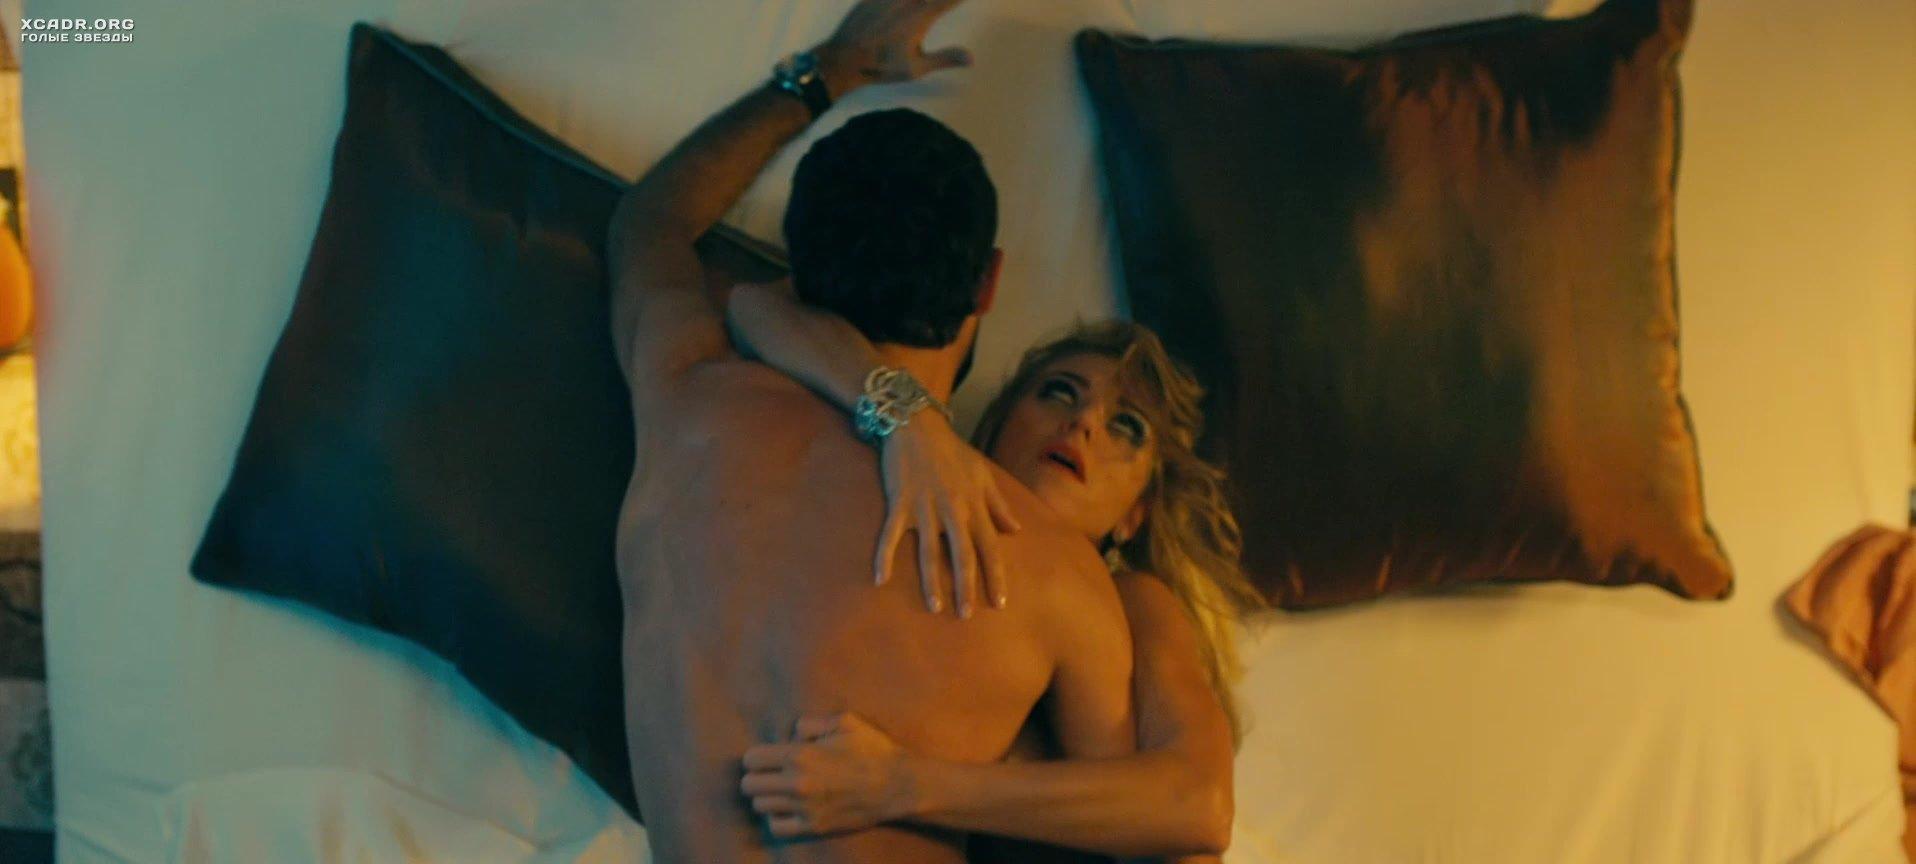 Секс с кристиной асмус 1 фотография